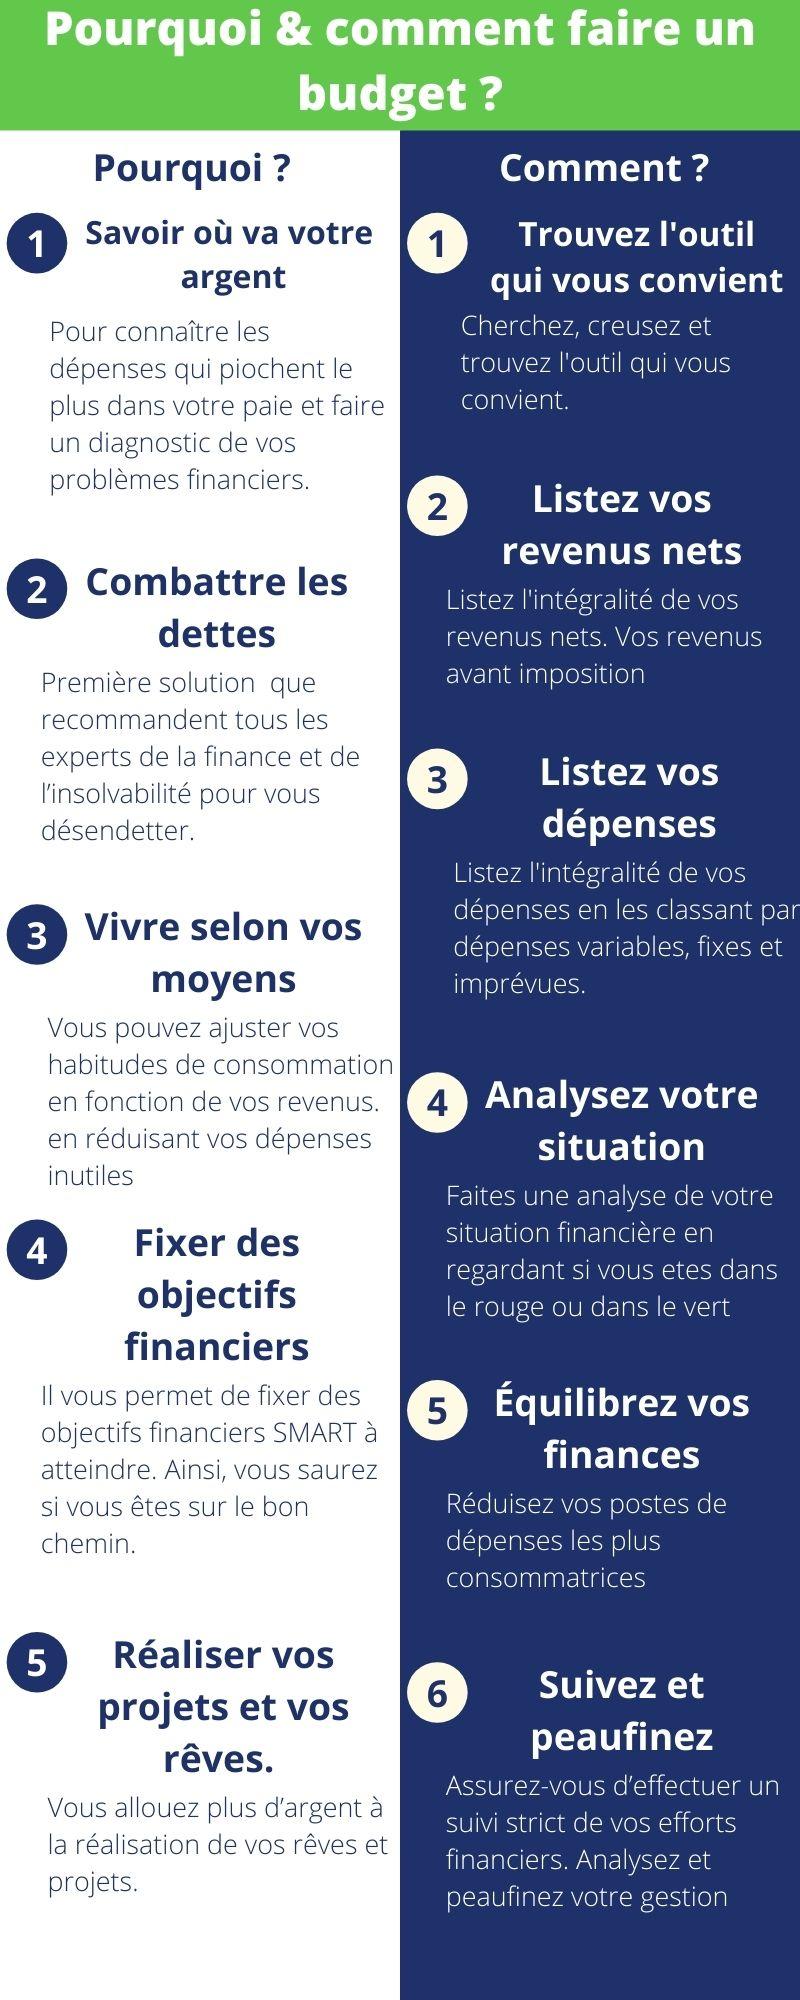 infographie montrant pourquoi faire un budget et comment faire un budget